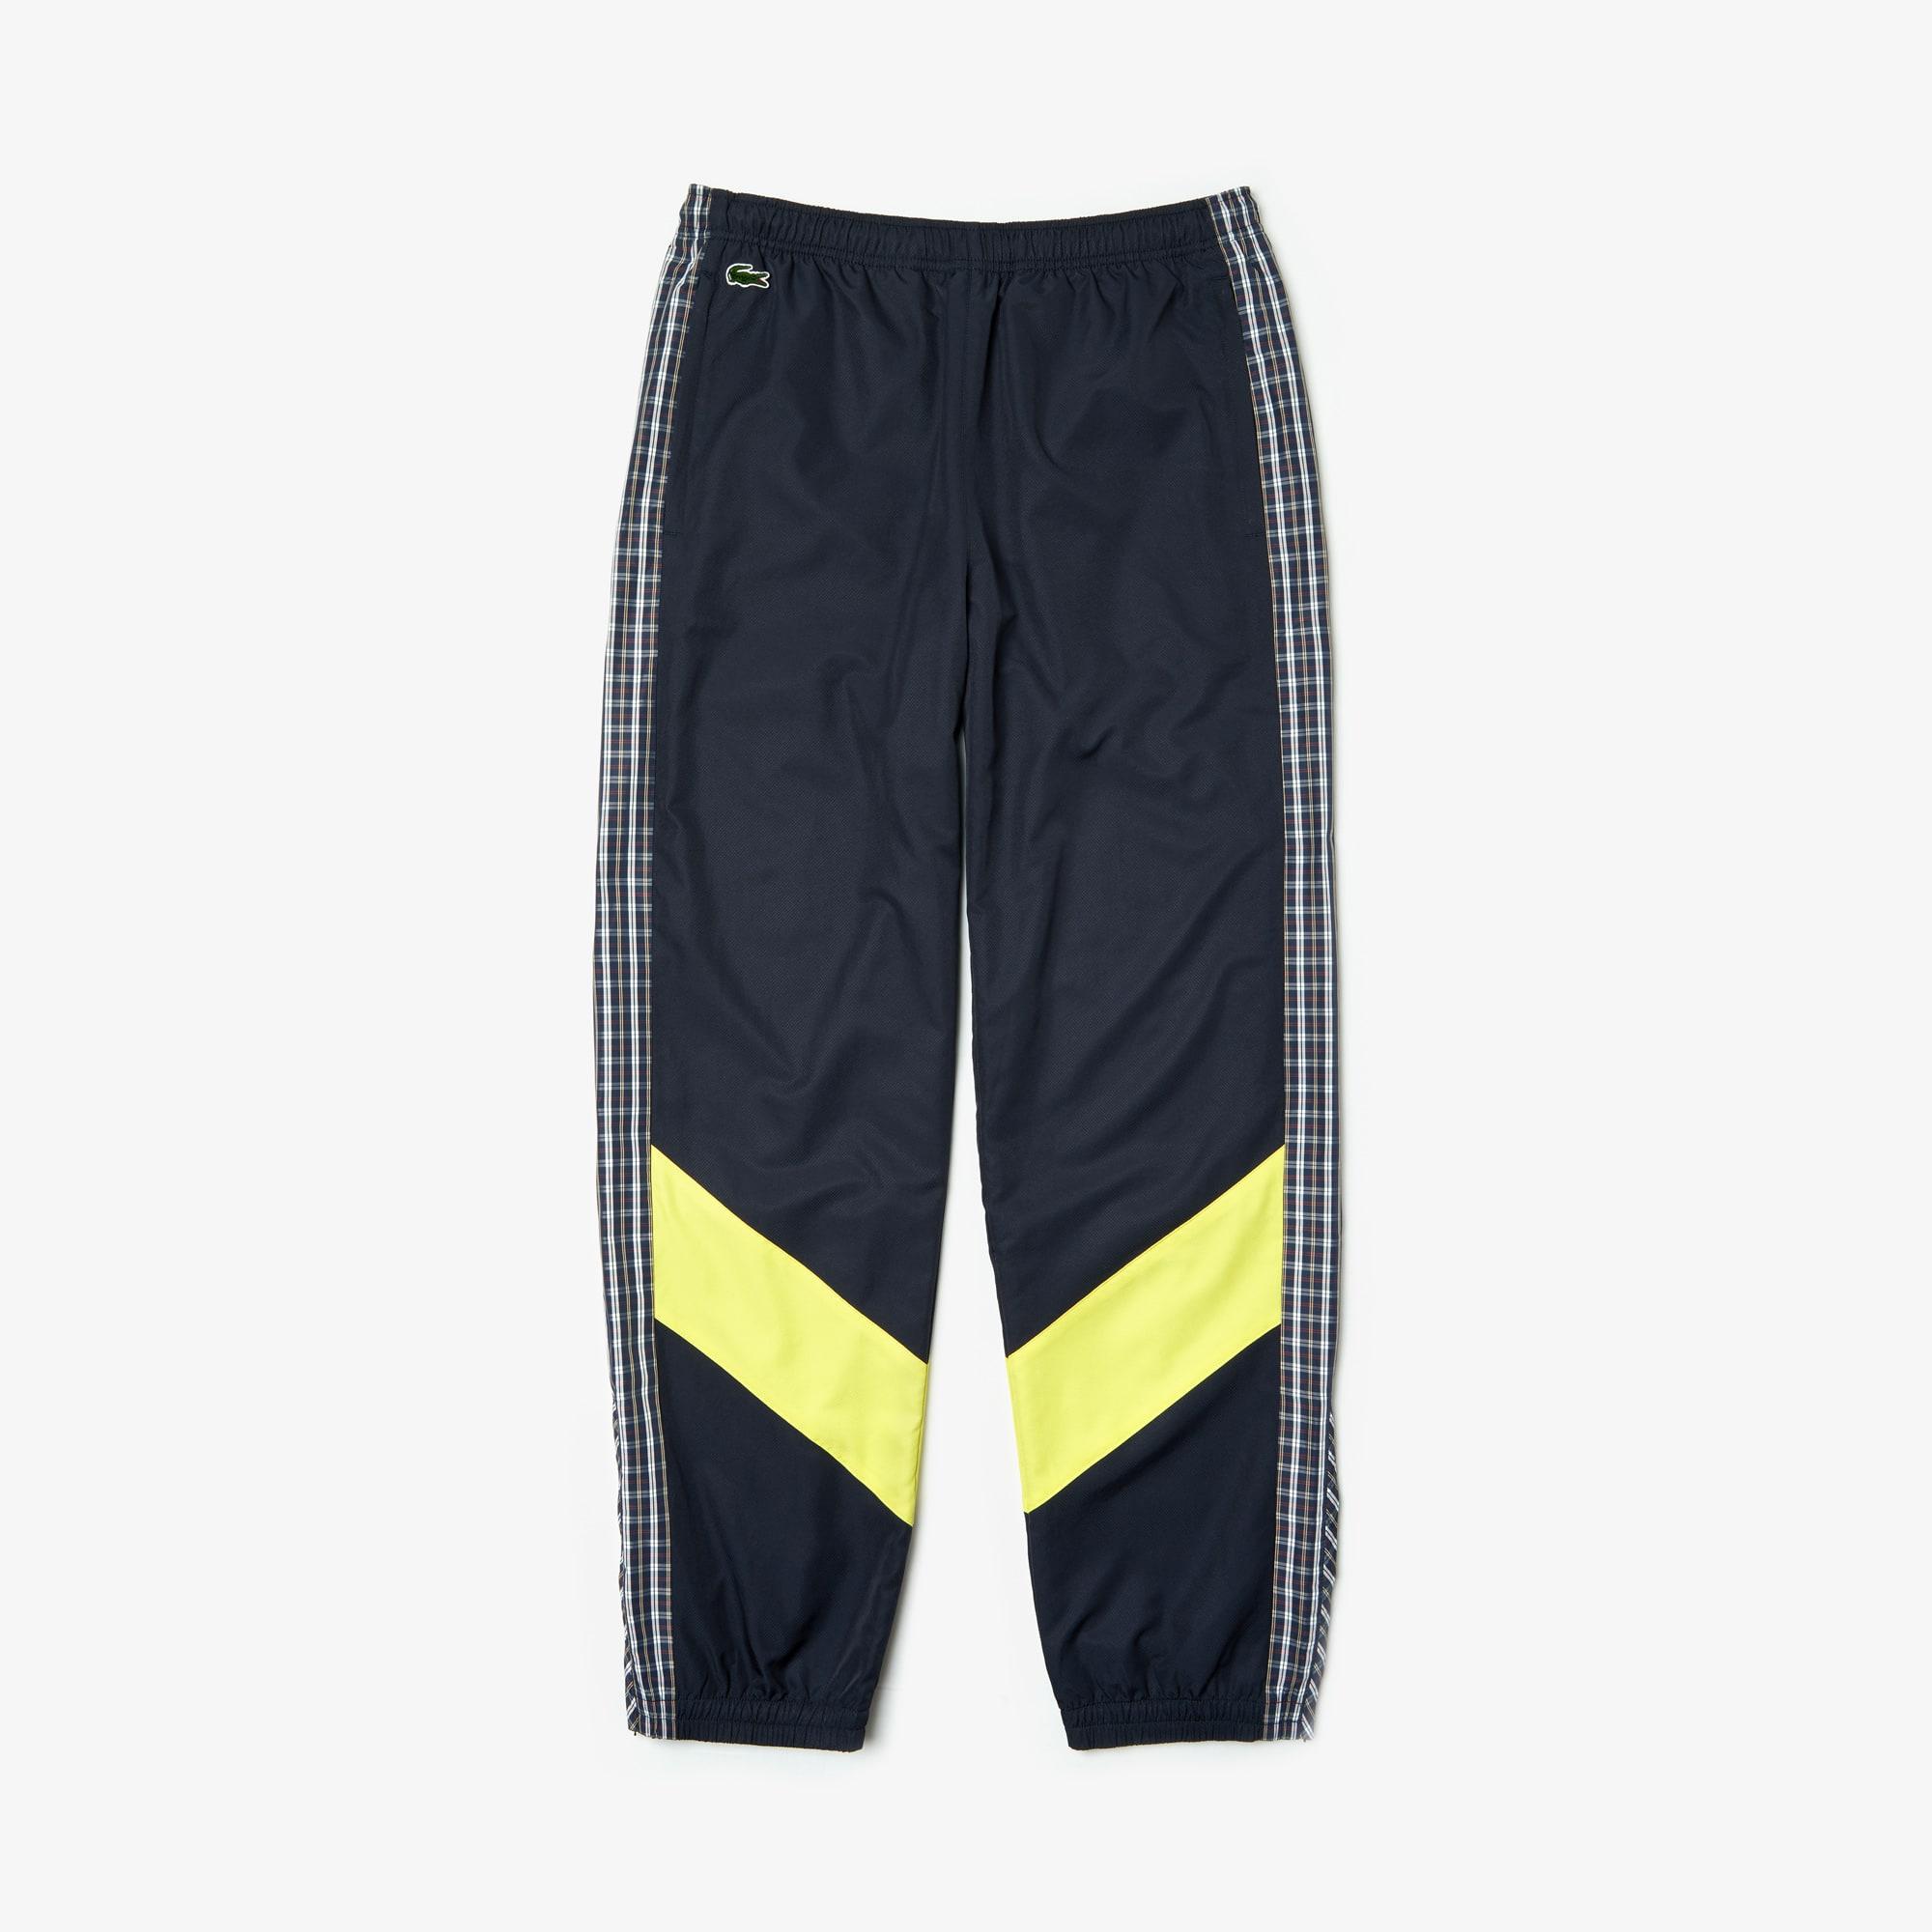 Pantalon de survêtement Lacoste LIVE en patchwork